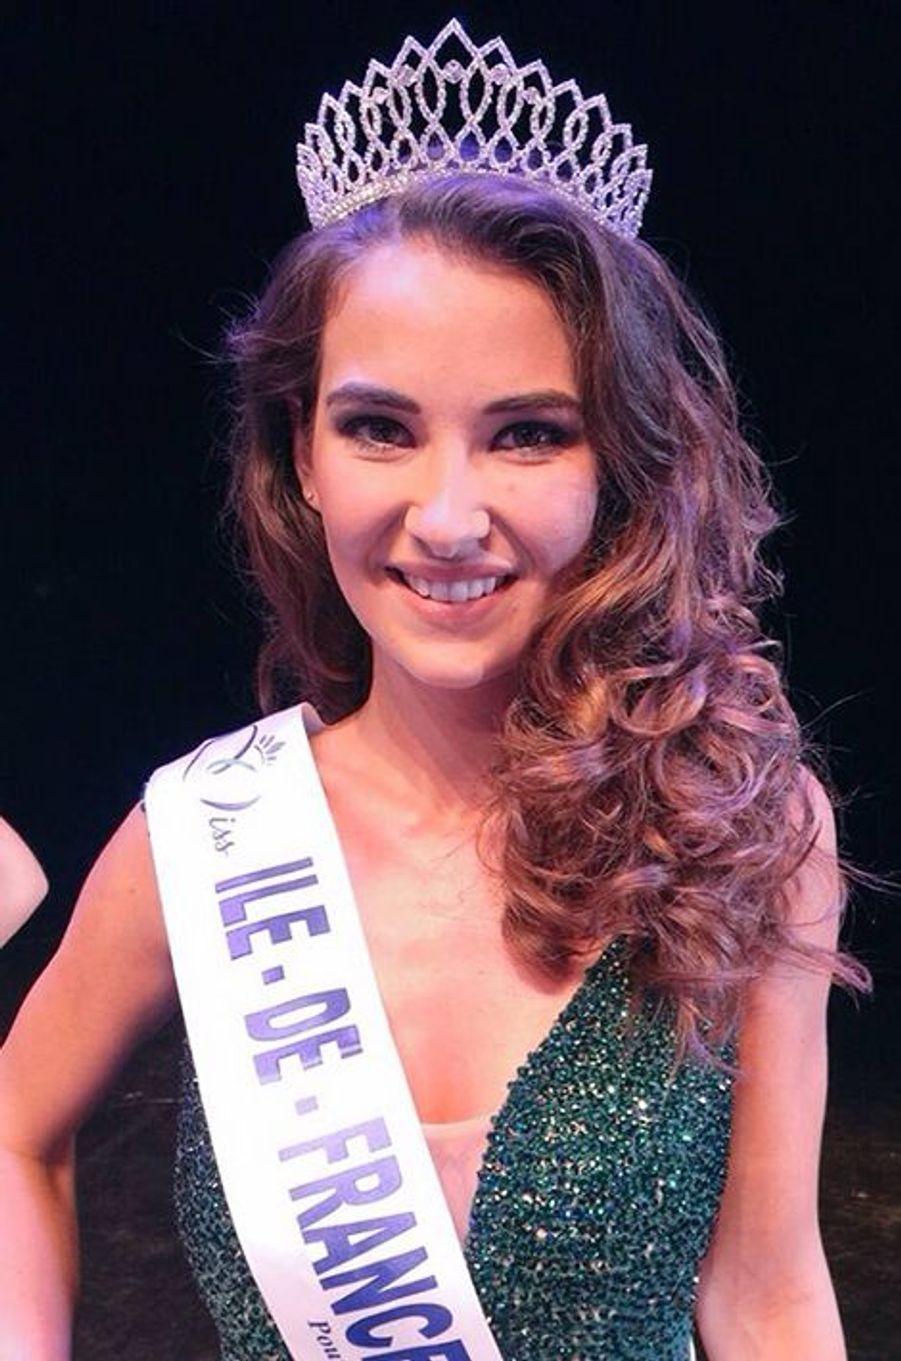 Miss Ile-de-France - Fanny Harcaut (18 ans - 1,75 m) - Étudiante en économie et gestion